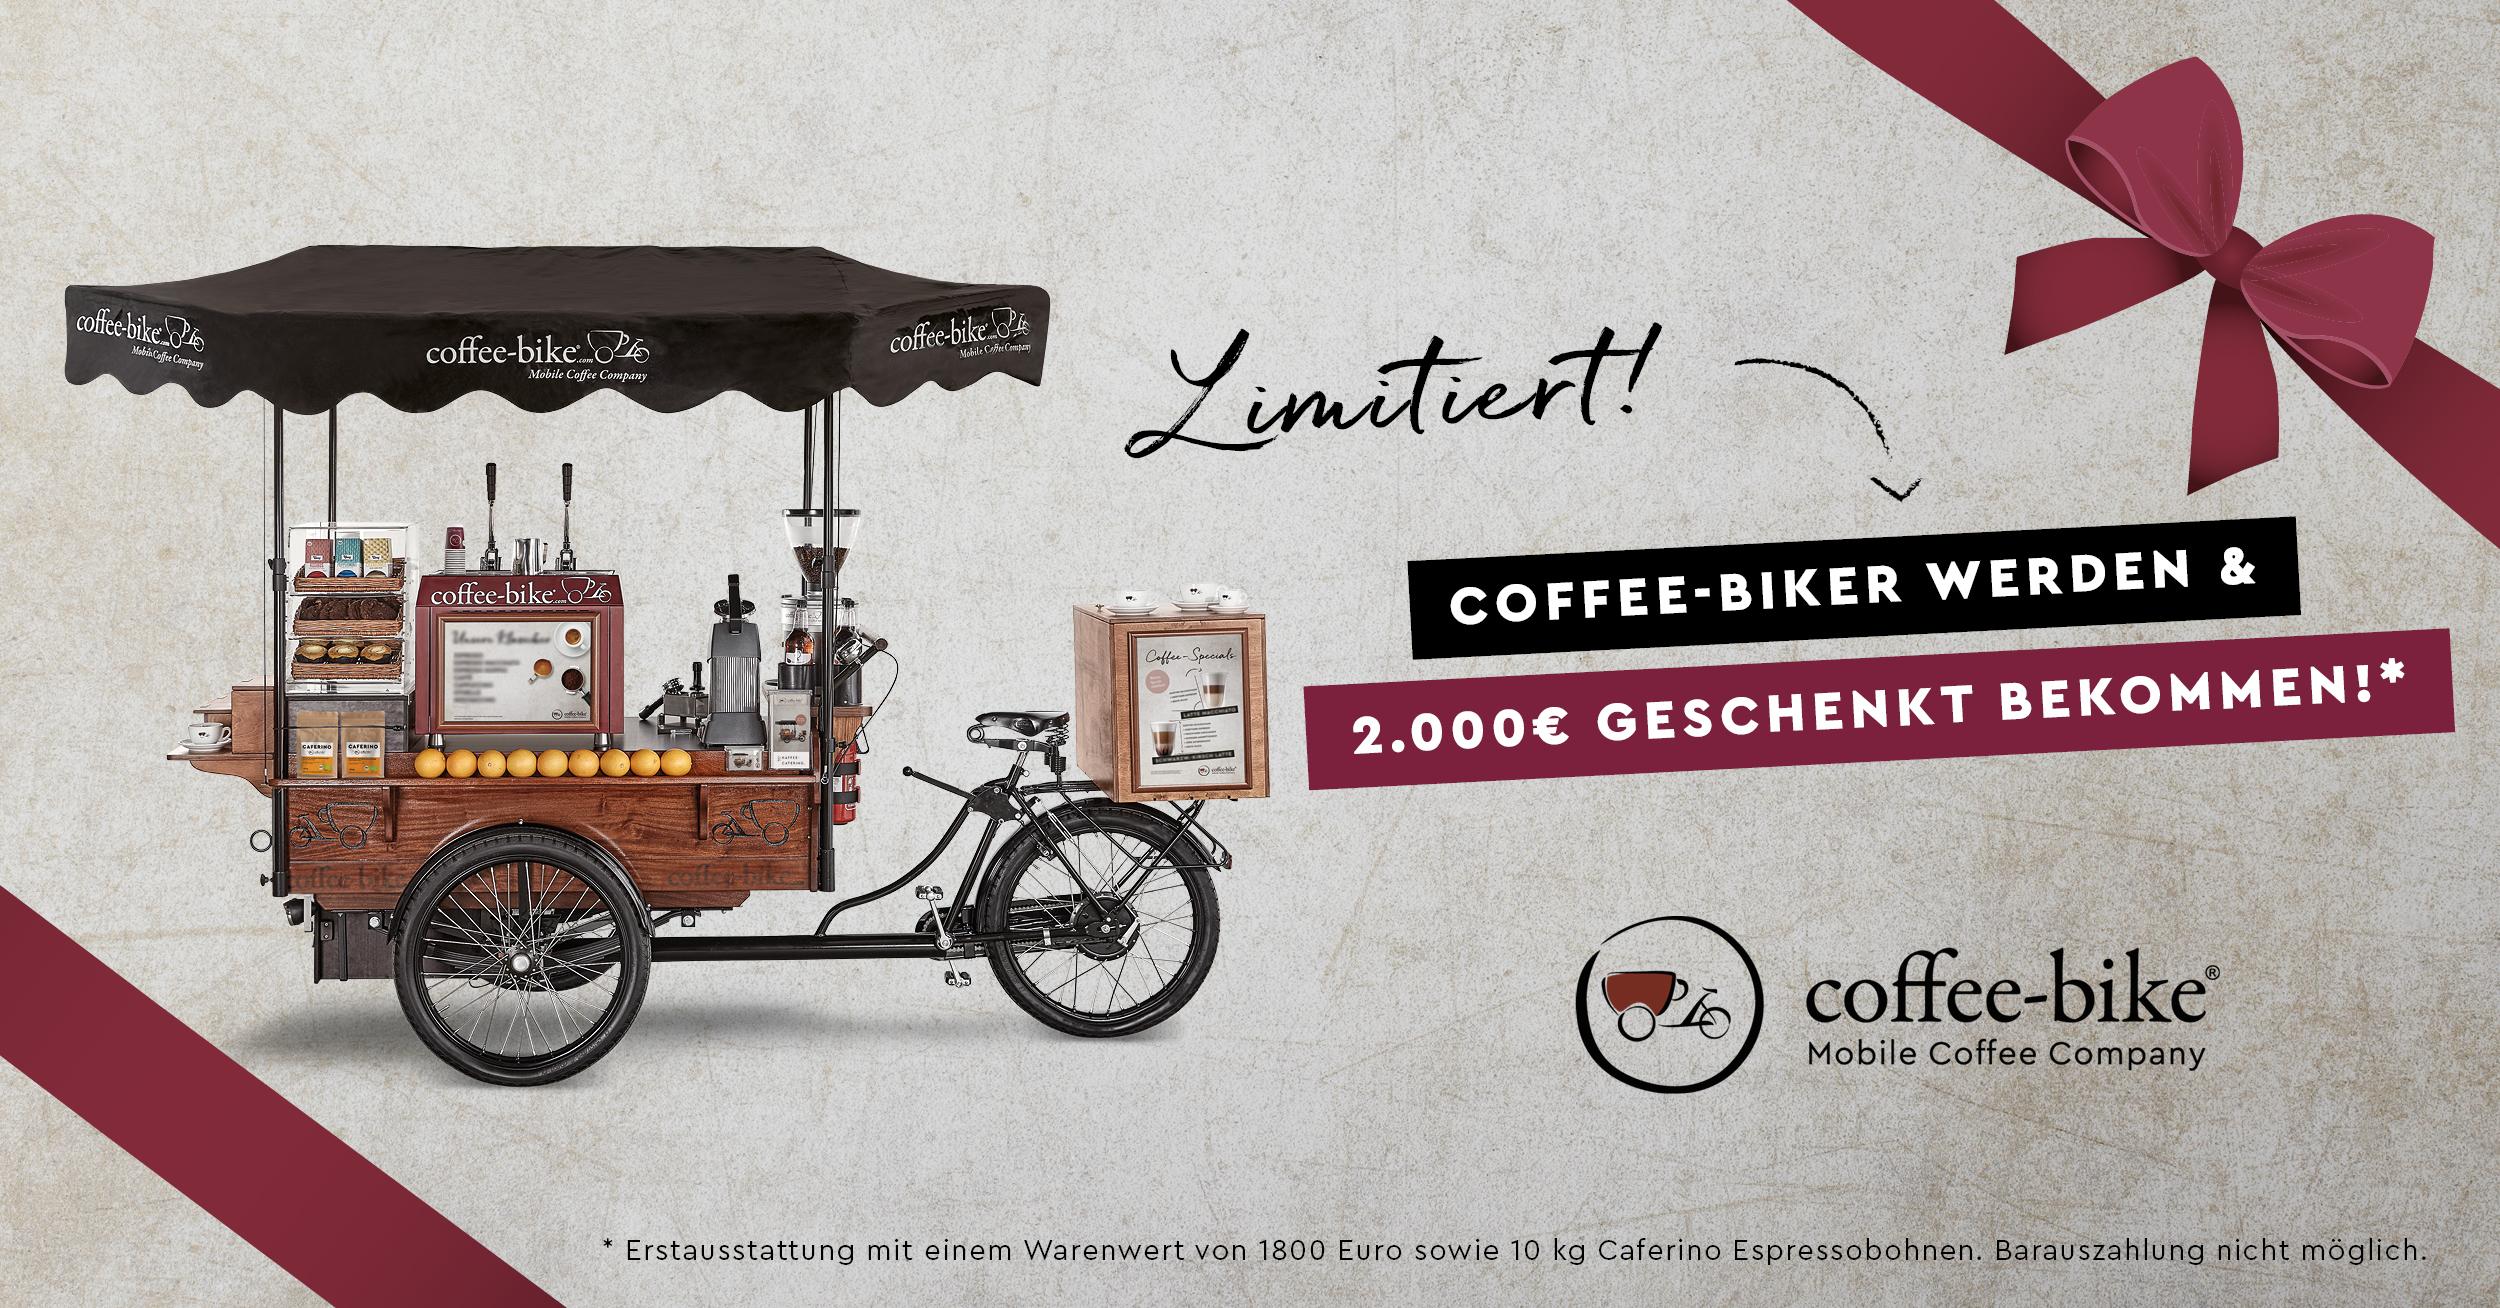 Coffee-Bike wird 10 Jahre alt! - Jetzt 2.000 Euro Jubiläumsrabatt sichern